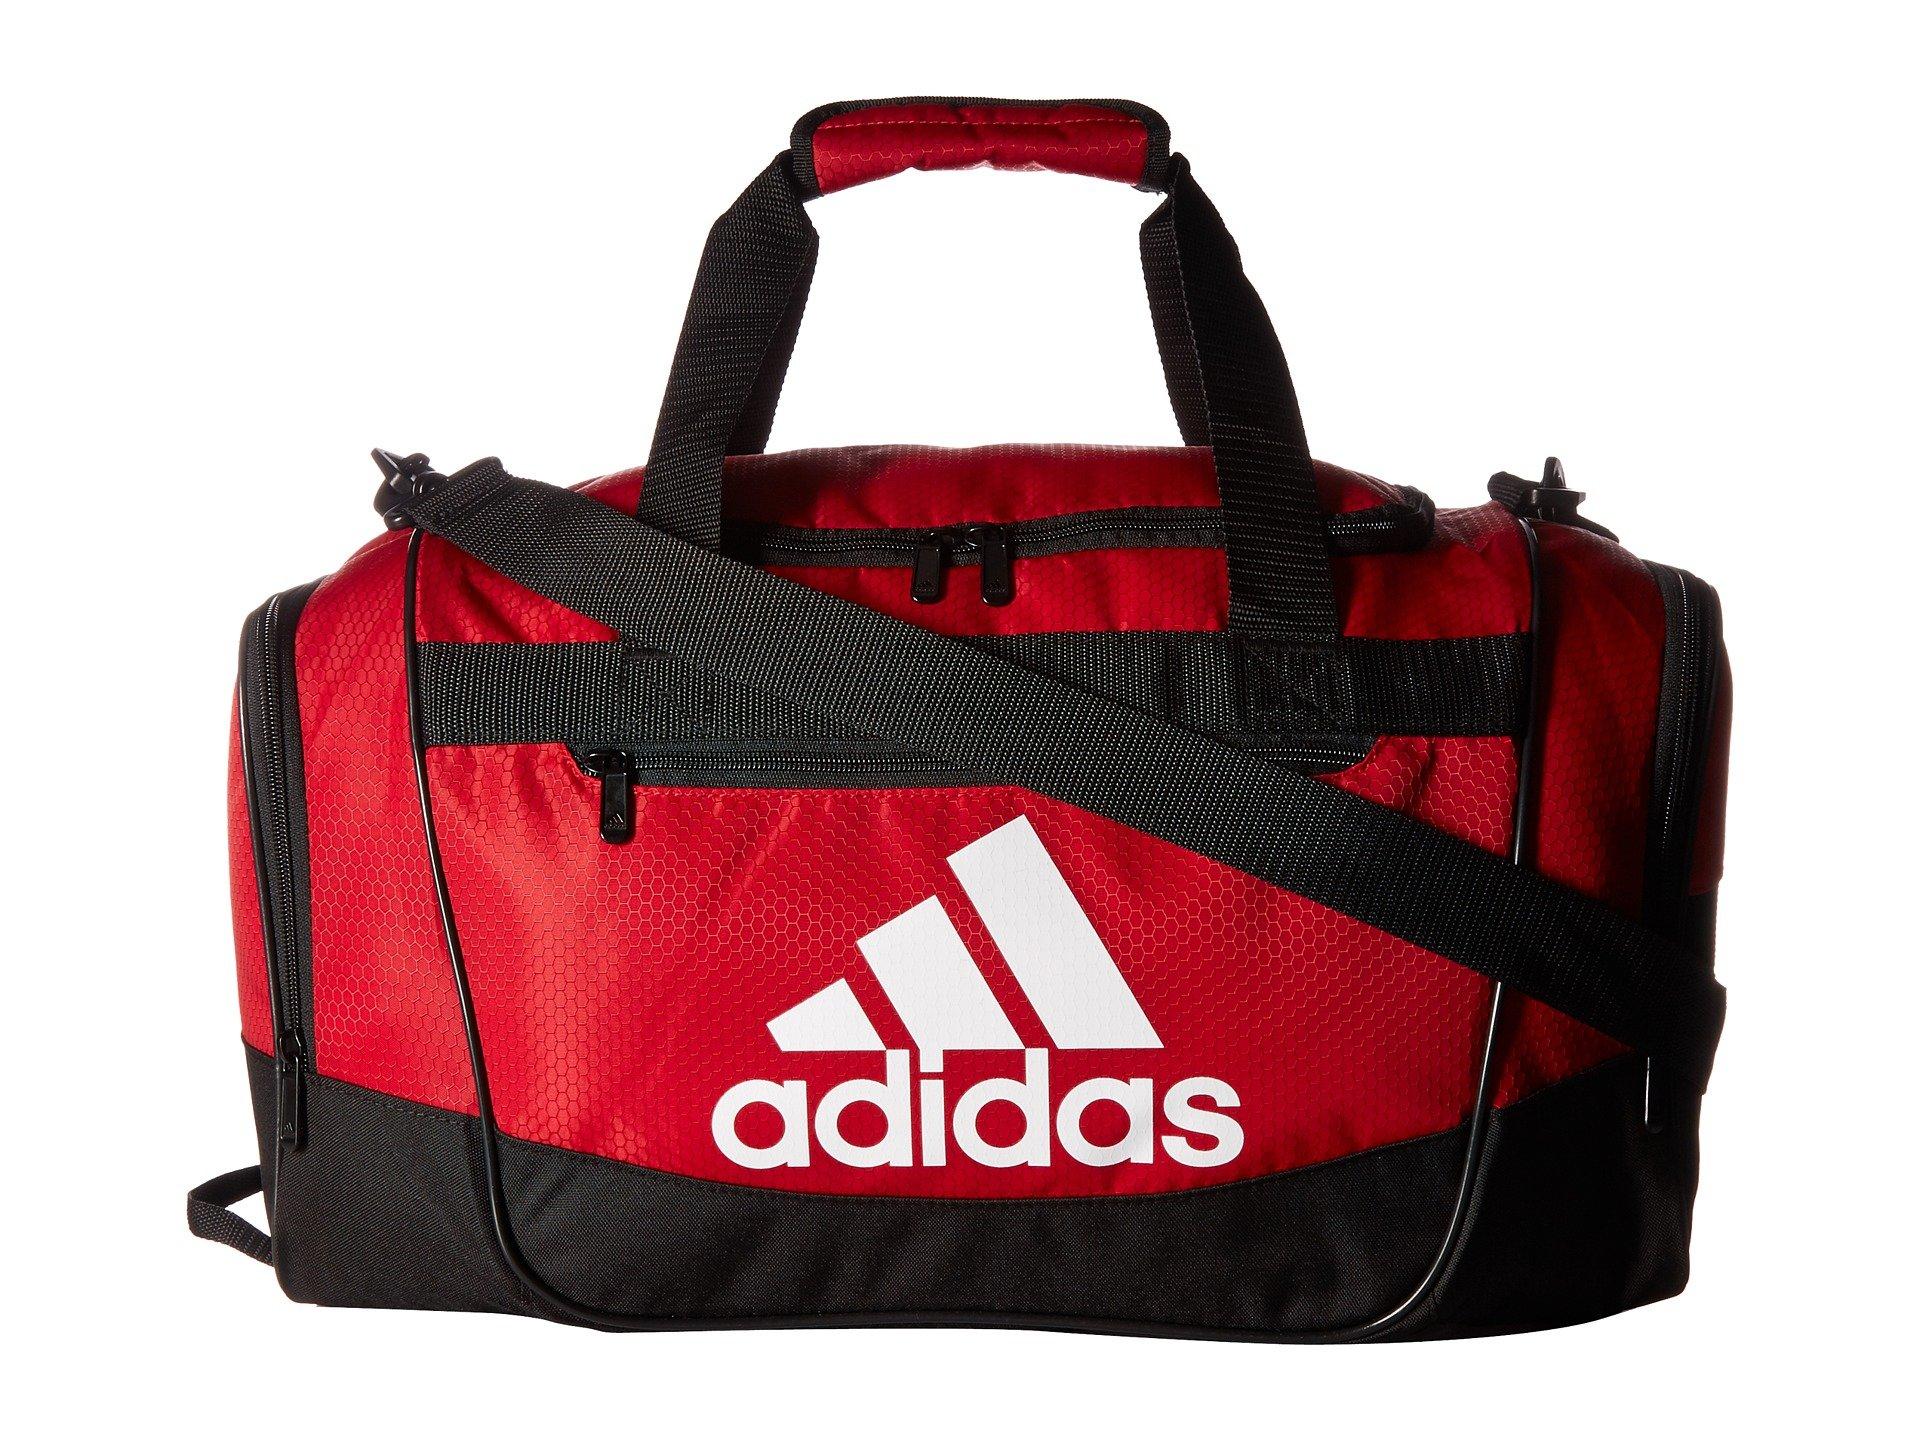 c88d6e100472 Adidas Santiago Duffel Bag Medium